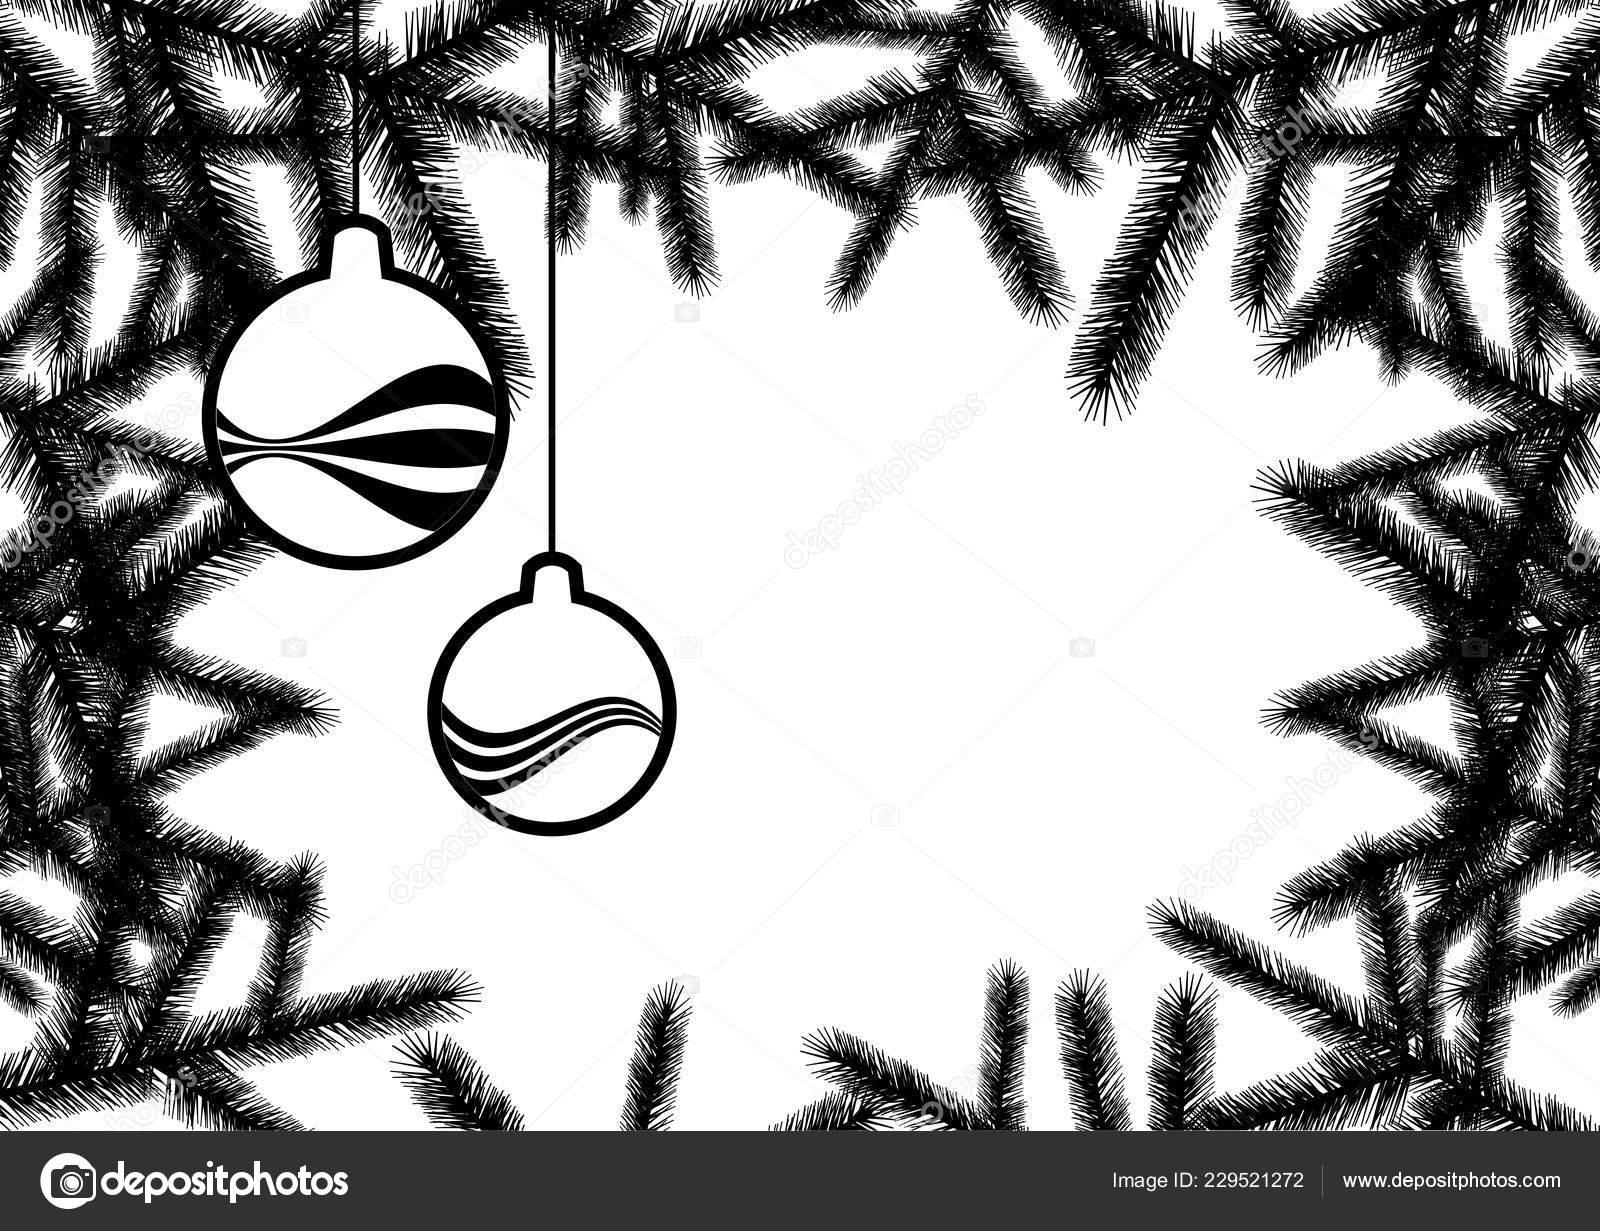 Vecteur Fond Noël Noir Blanc Fond Vacances Avec Espace Copie